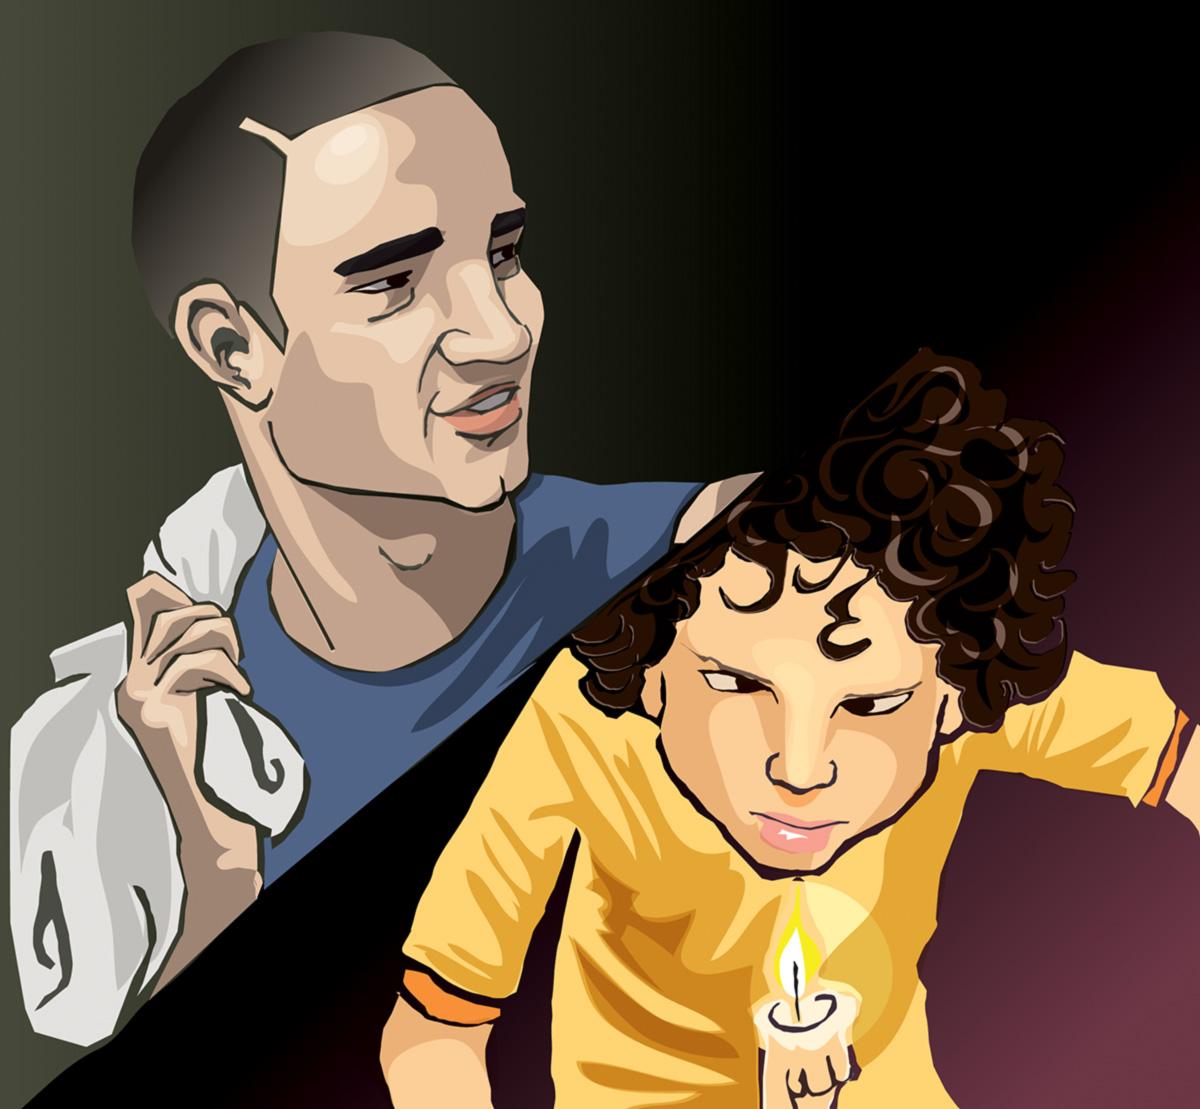 Caio Blat dá vigor ao personagem Macu e Victor Motta faz um garoto com poderes sobrenaturais